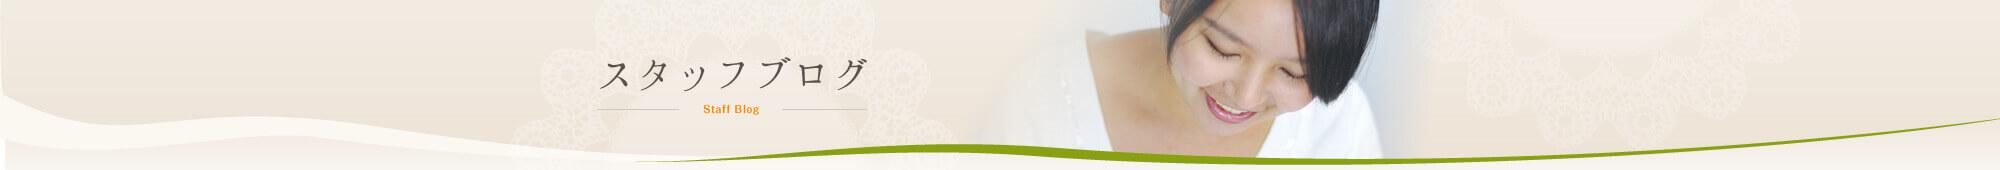 スタッフブログ|楽庵(らくあん)は出張専門のマッサージサロンです。